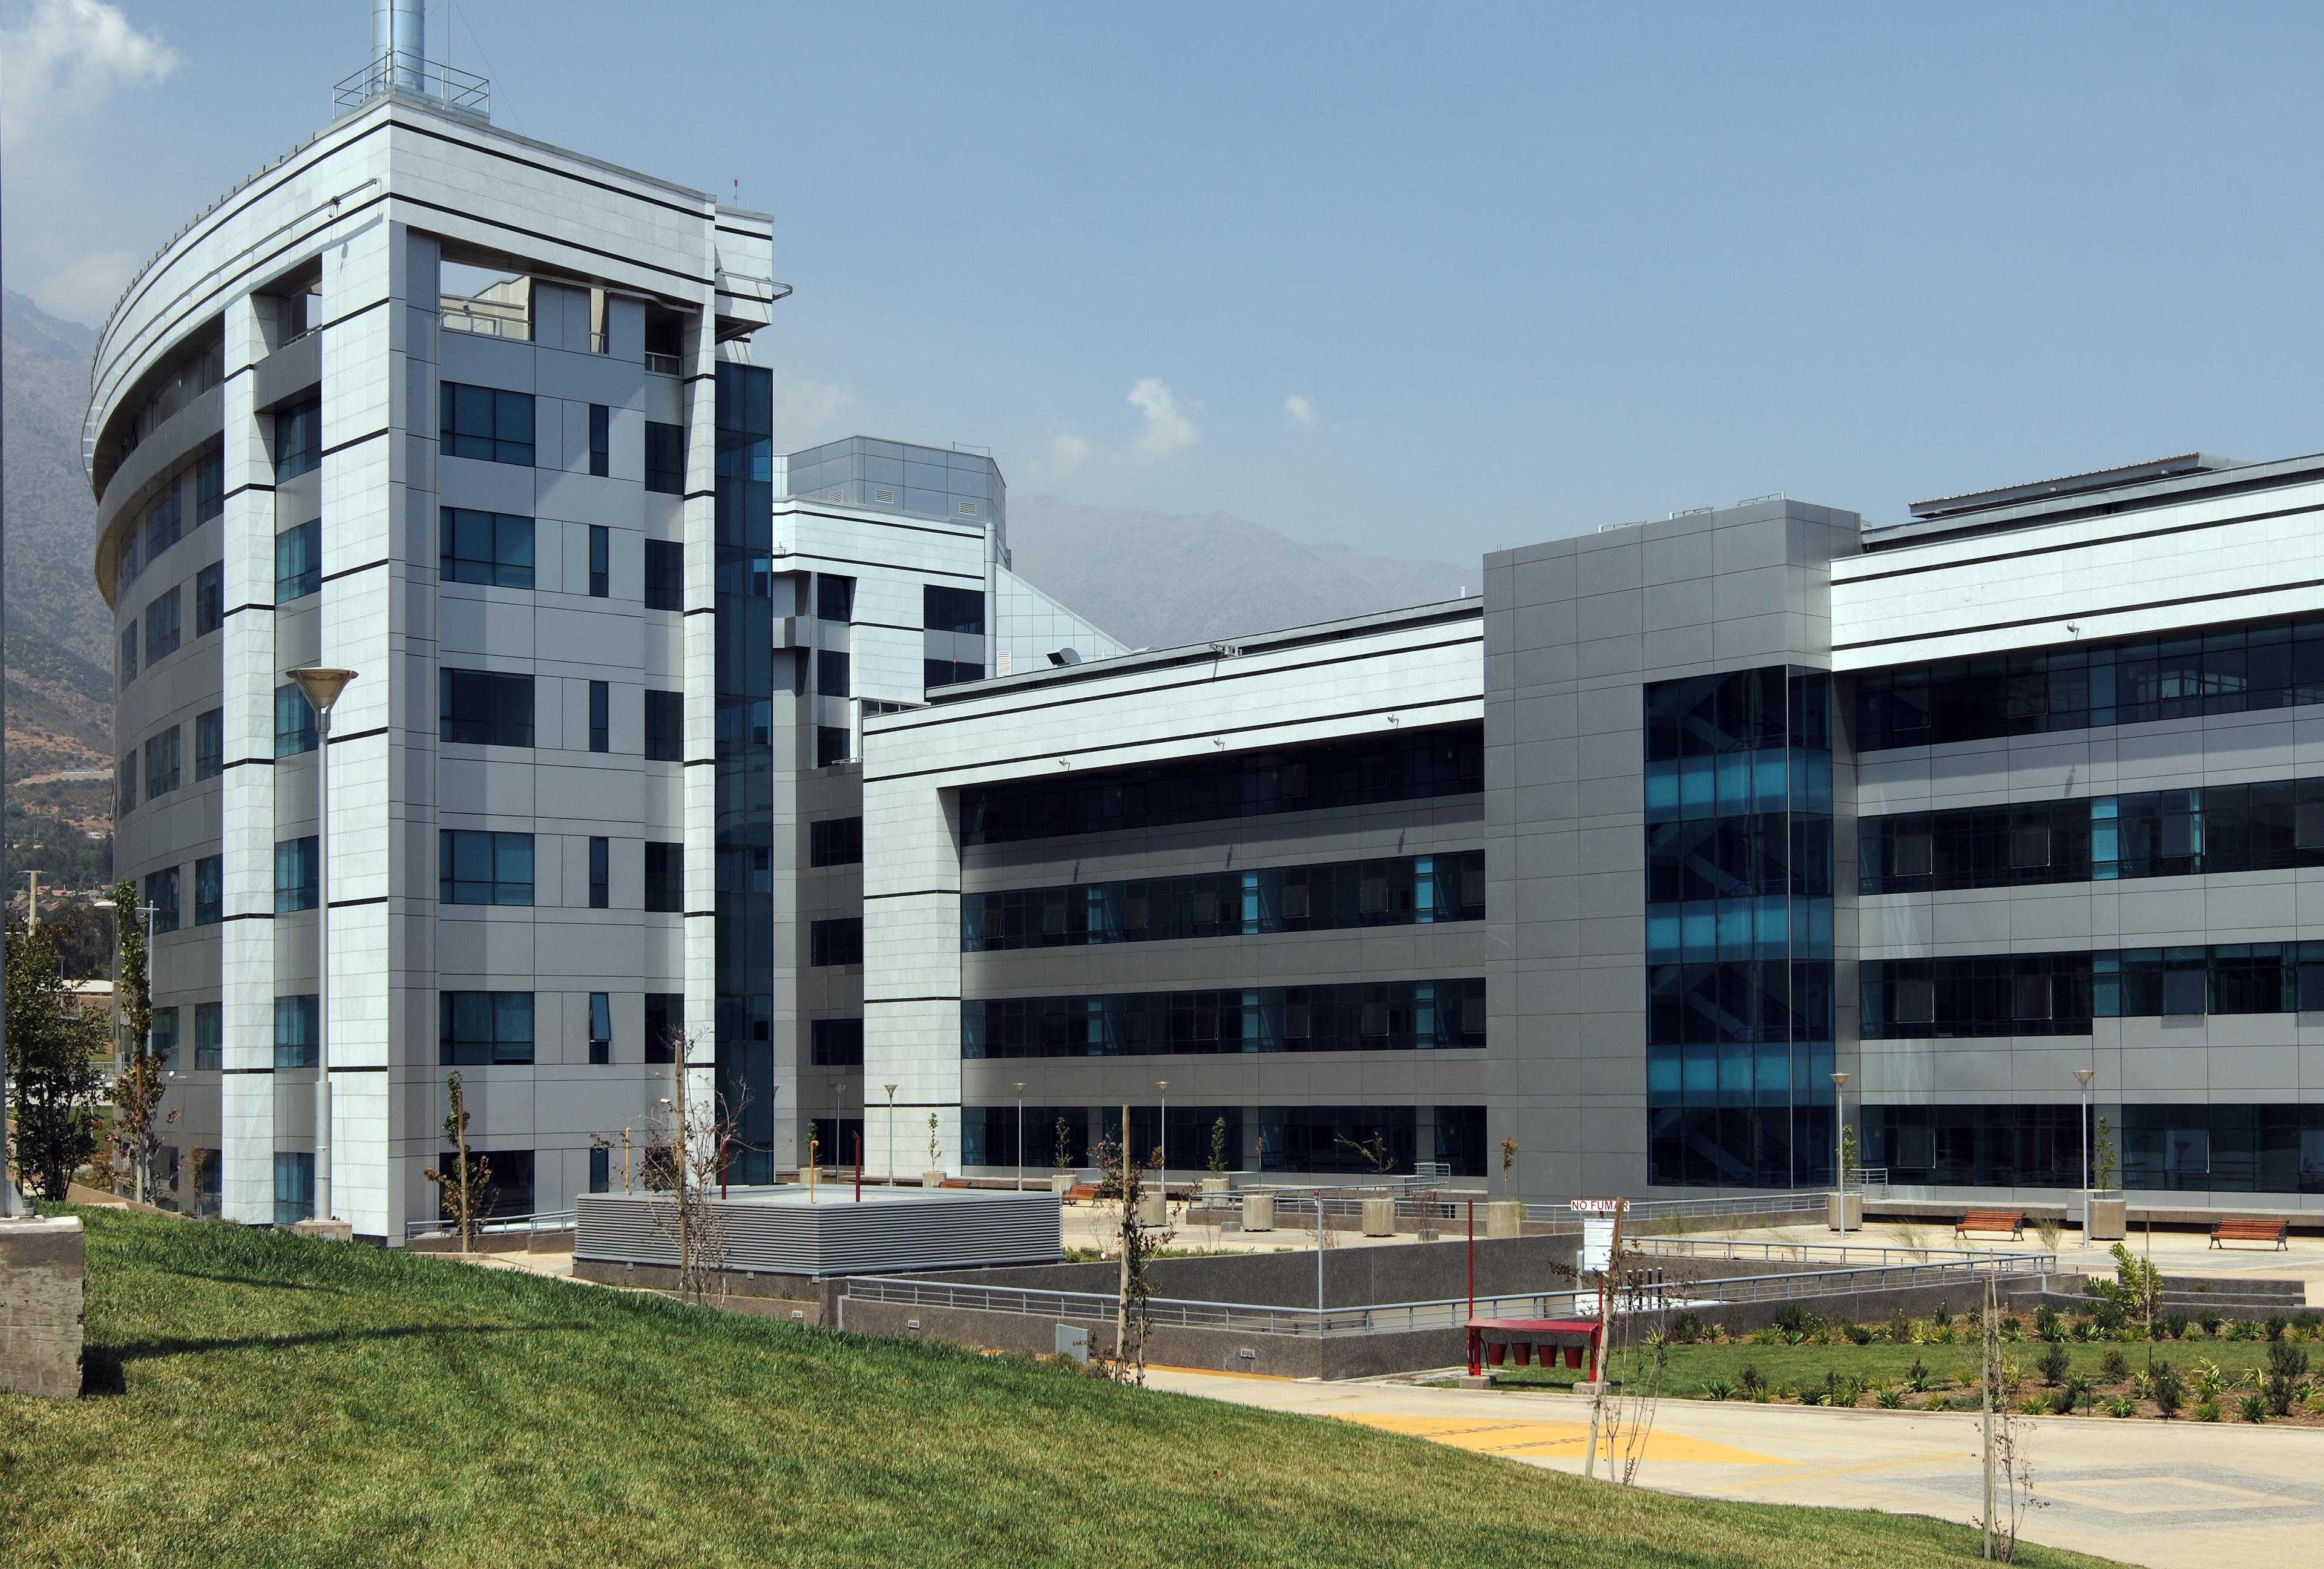 Sistema Masa • Sistemas de fijación y sujeción de fachadas ventiladas. Hospital de la Reina